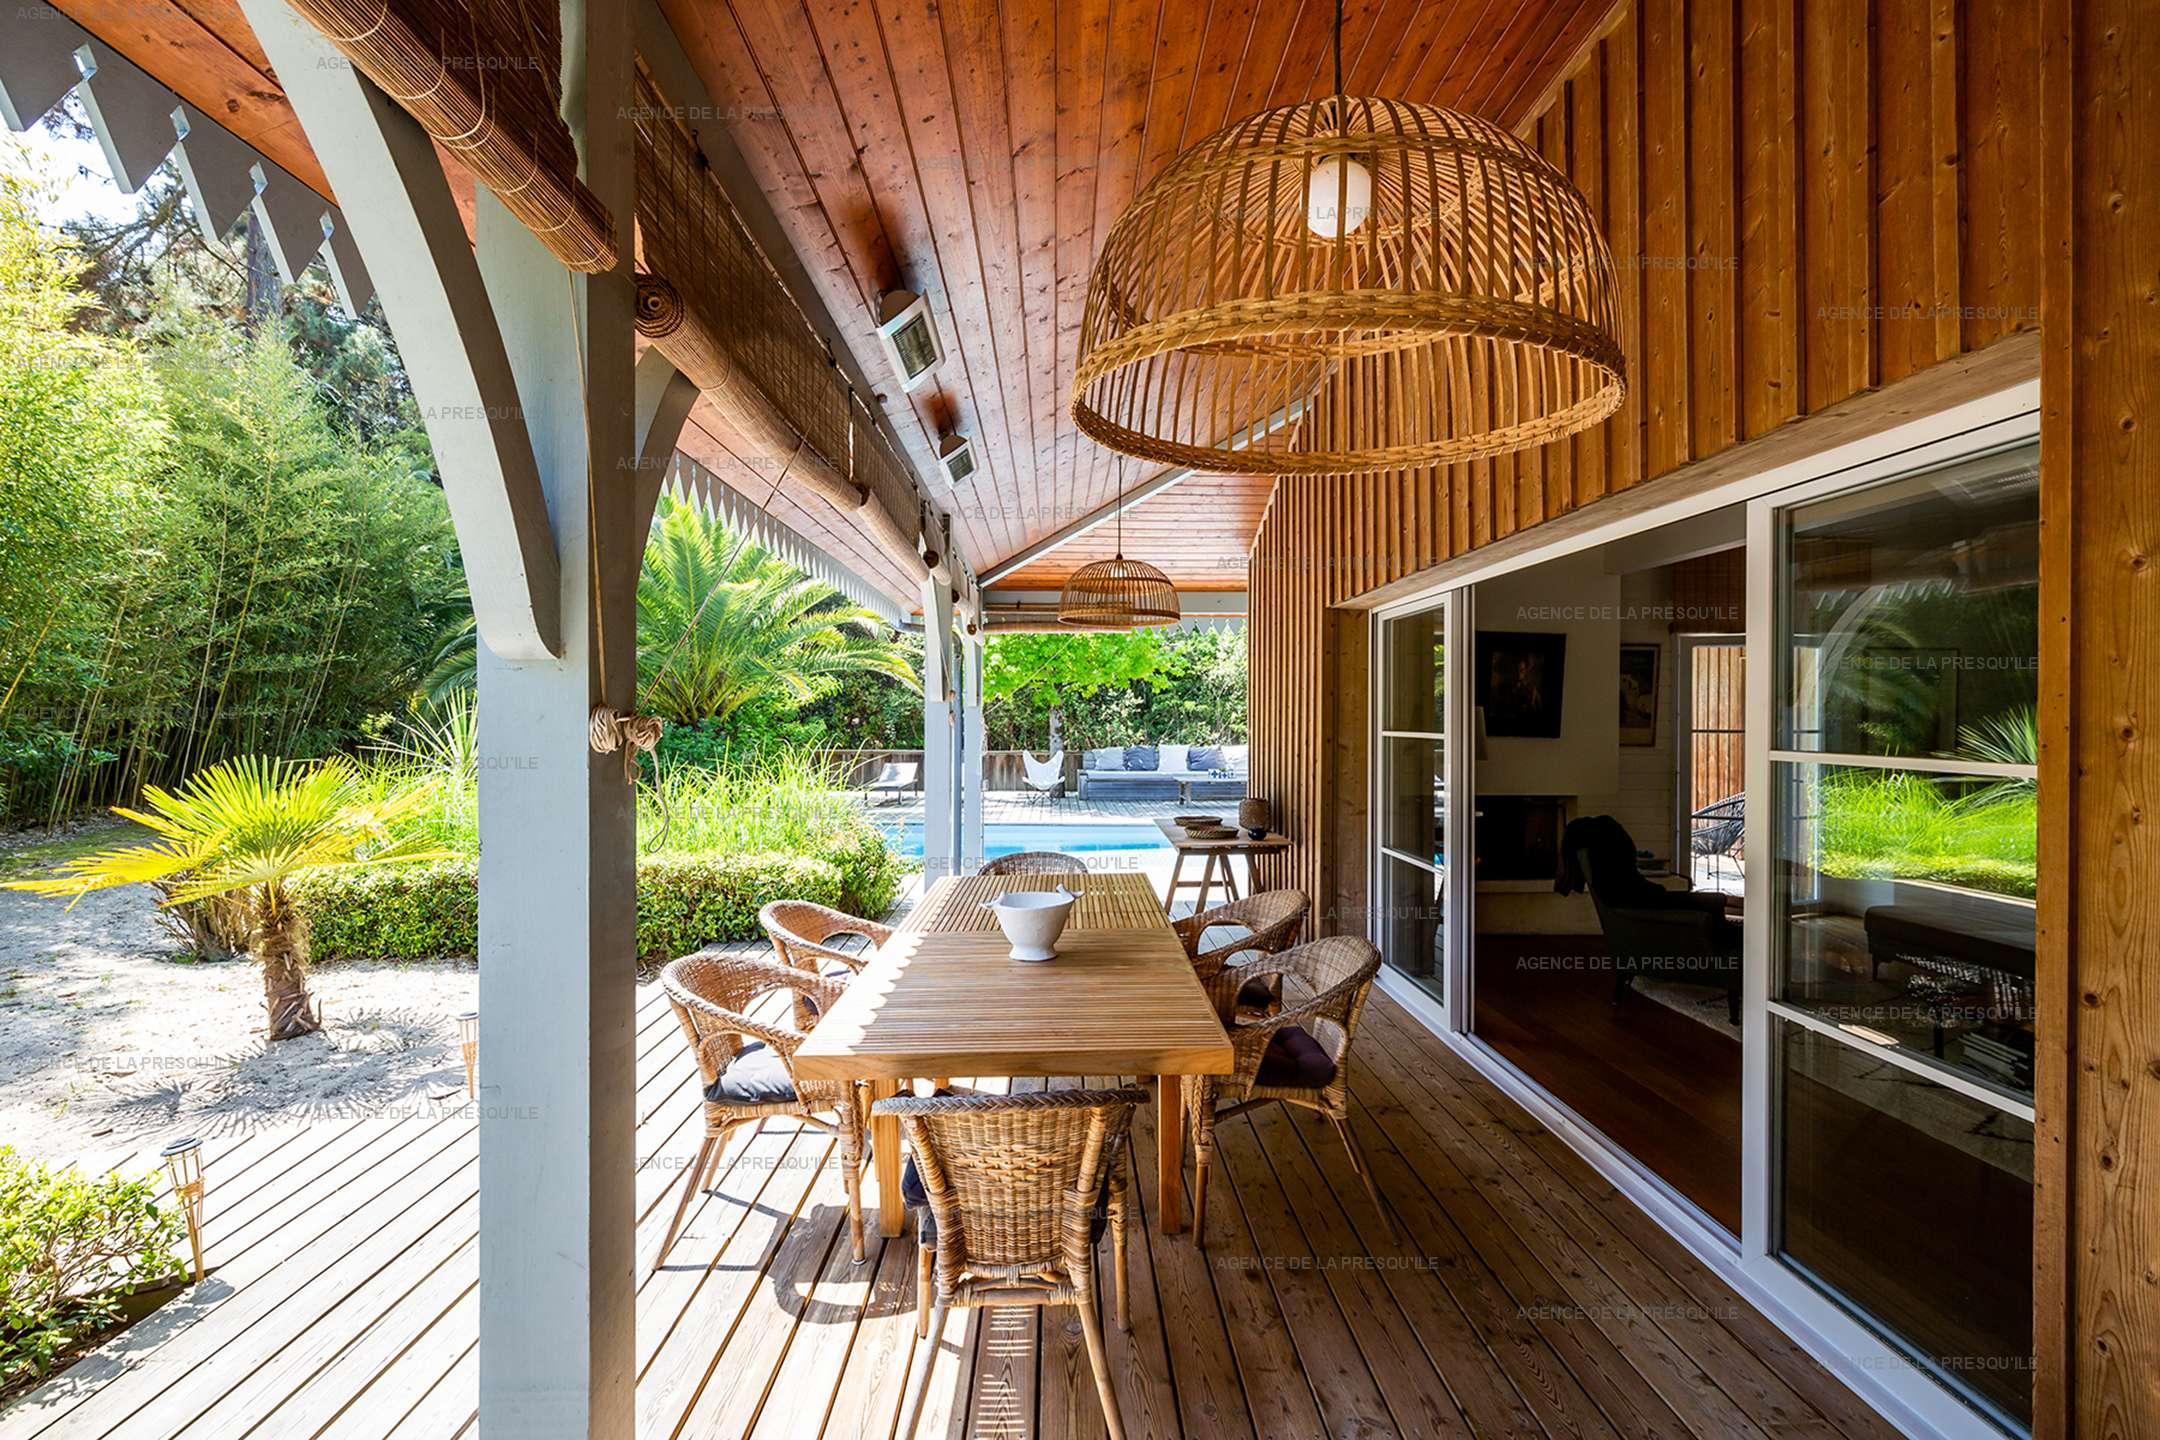 Location: Très jolie villa en bordure de forêt avec piscine 12